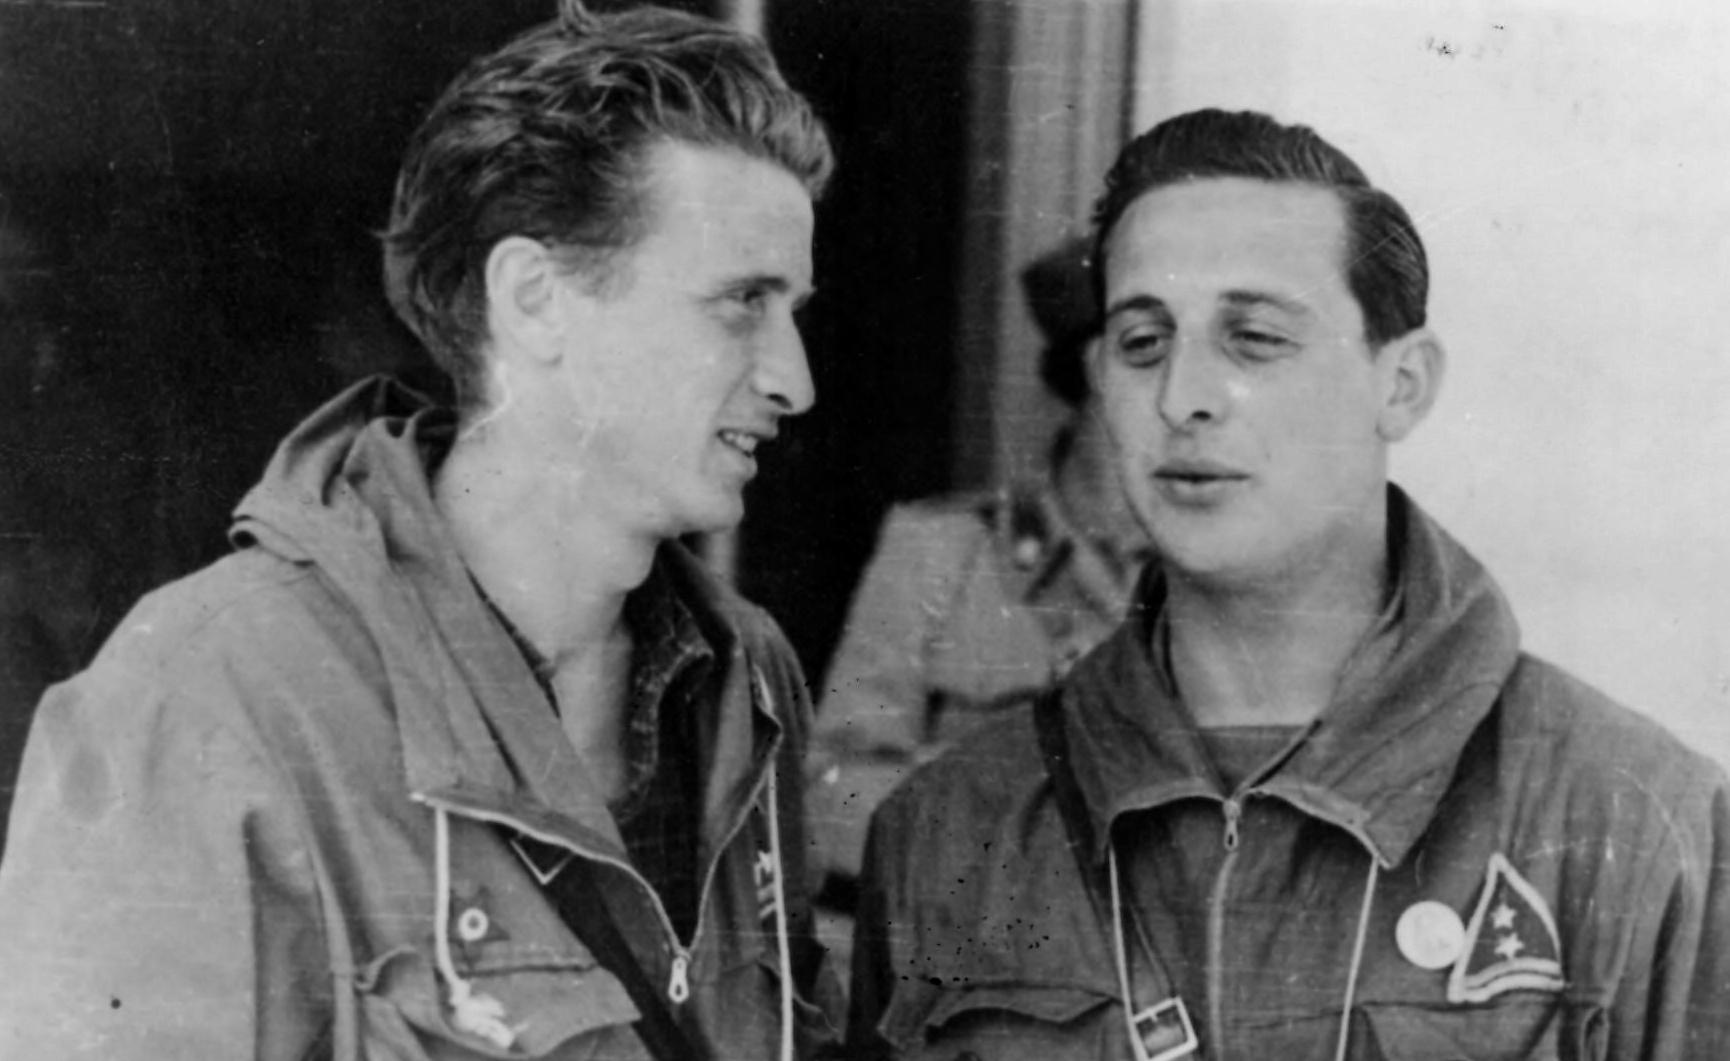 """Piero Germano """"Gandhi"""" e Gilio Morino """"Tarzan"""" (Archivio fotografico Casa della Resistenza di Sala Biellese)"""